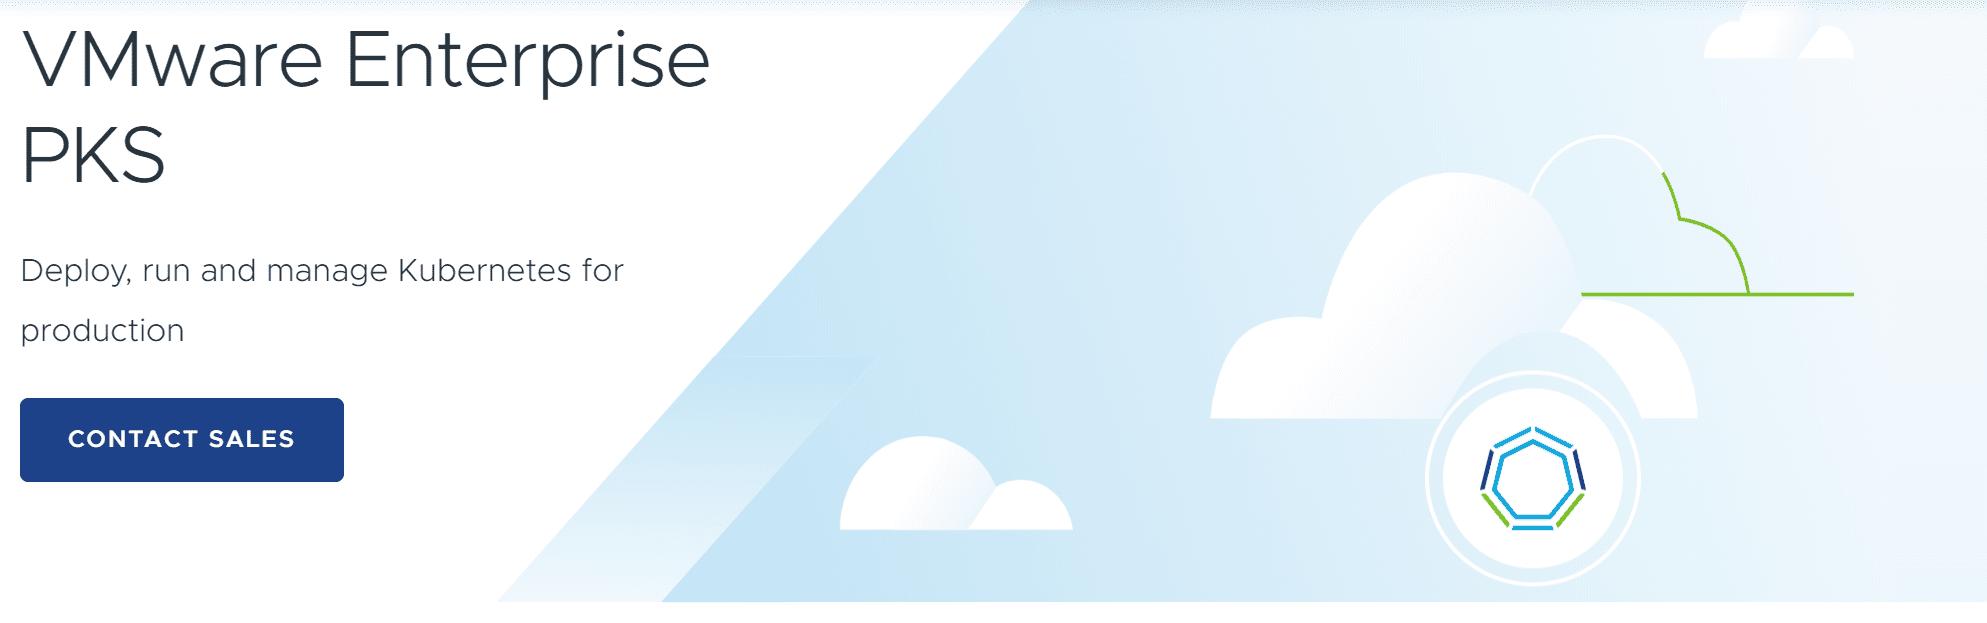 VMware-Enterprise-PKS